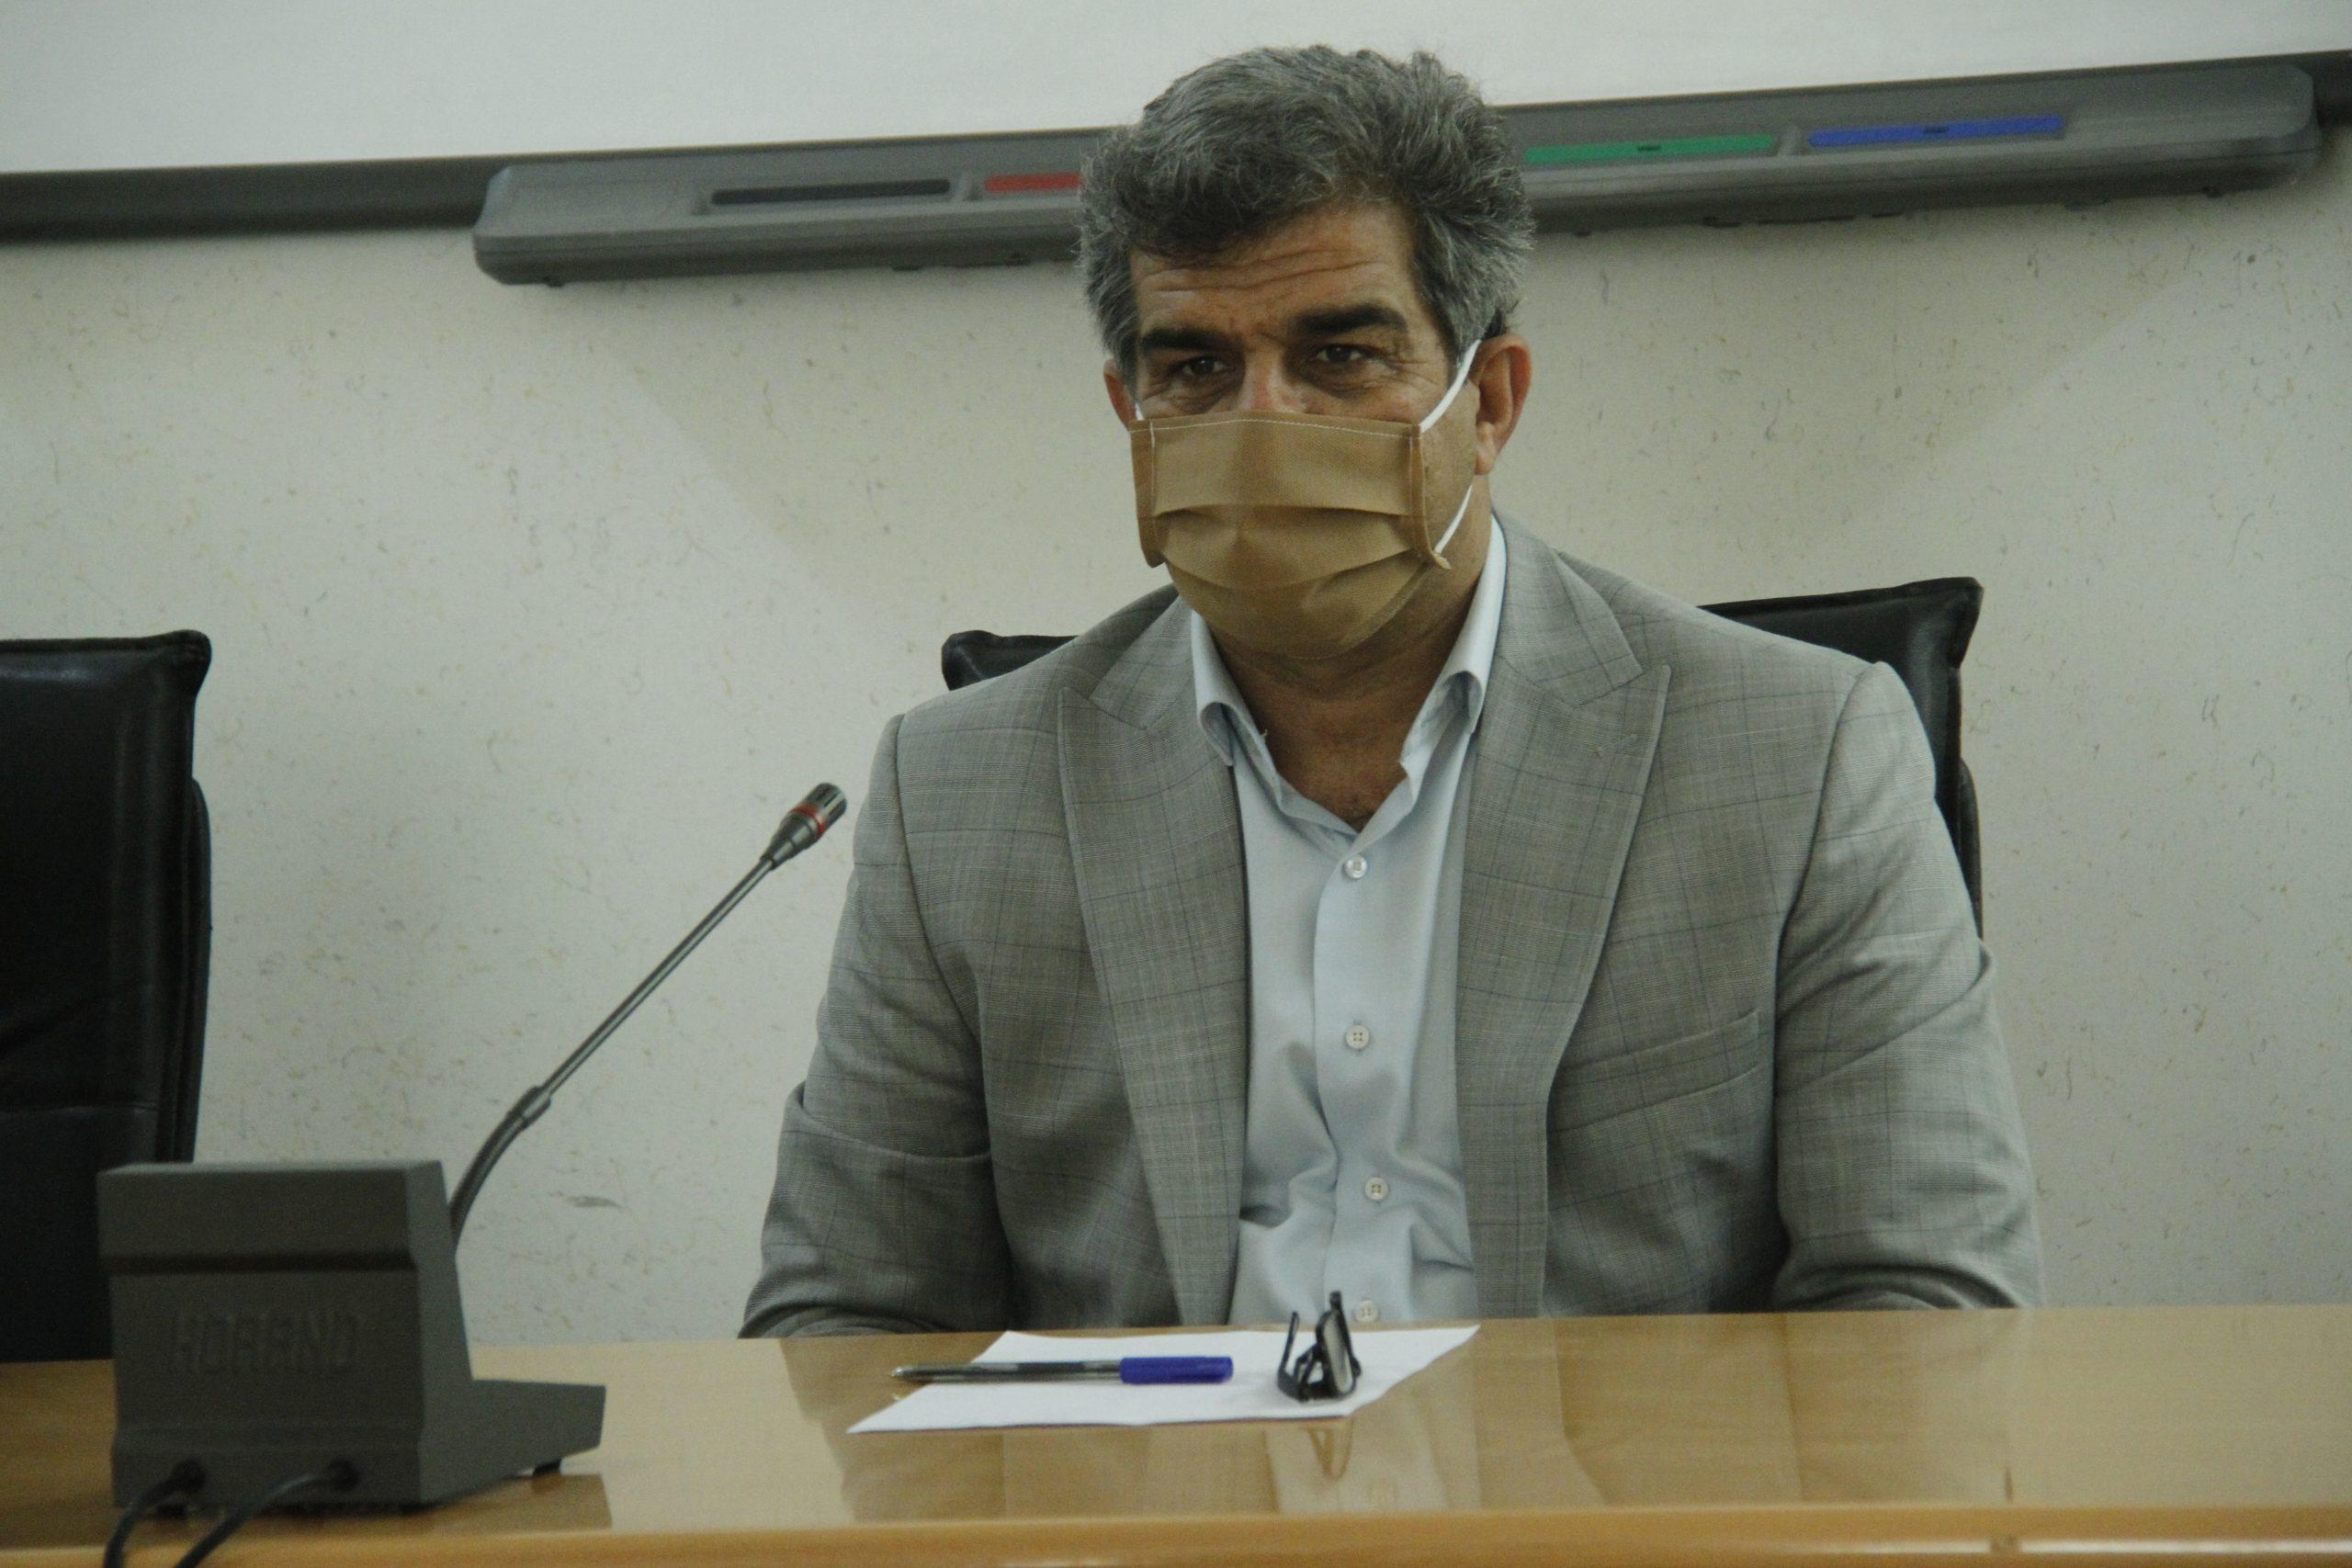 دانشگاه فرهنگیان طرح شتاب را راه اندازی کرد